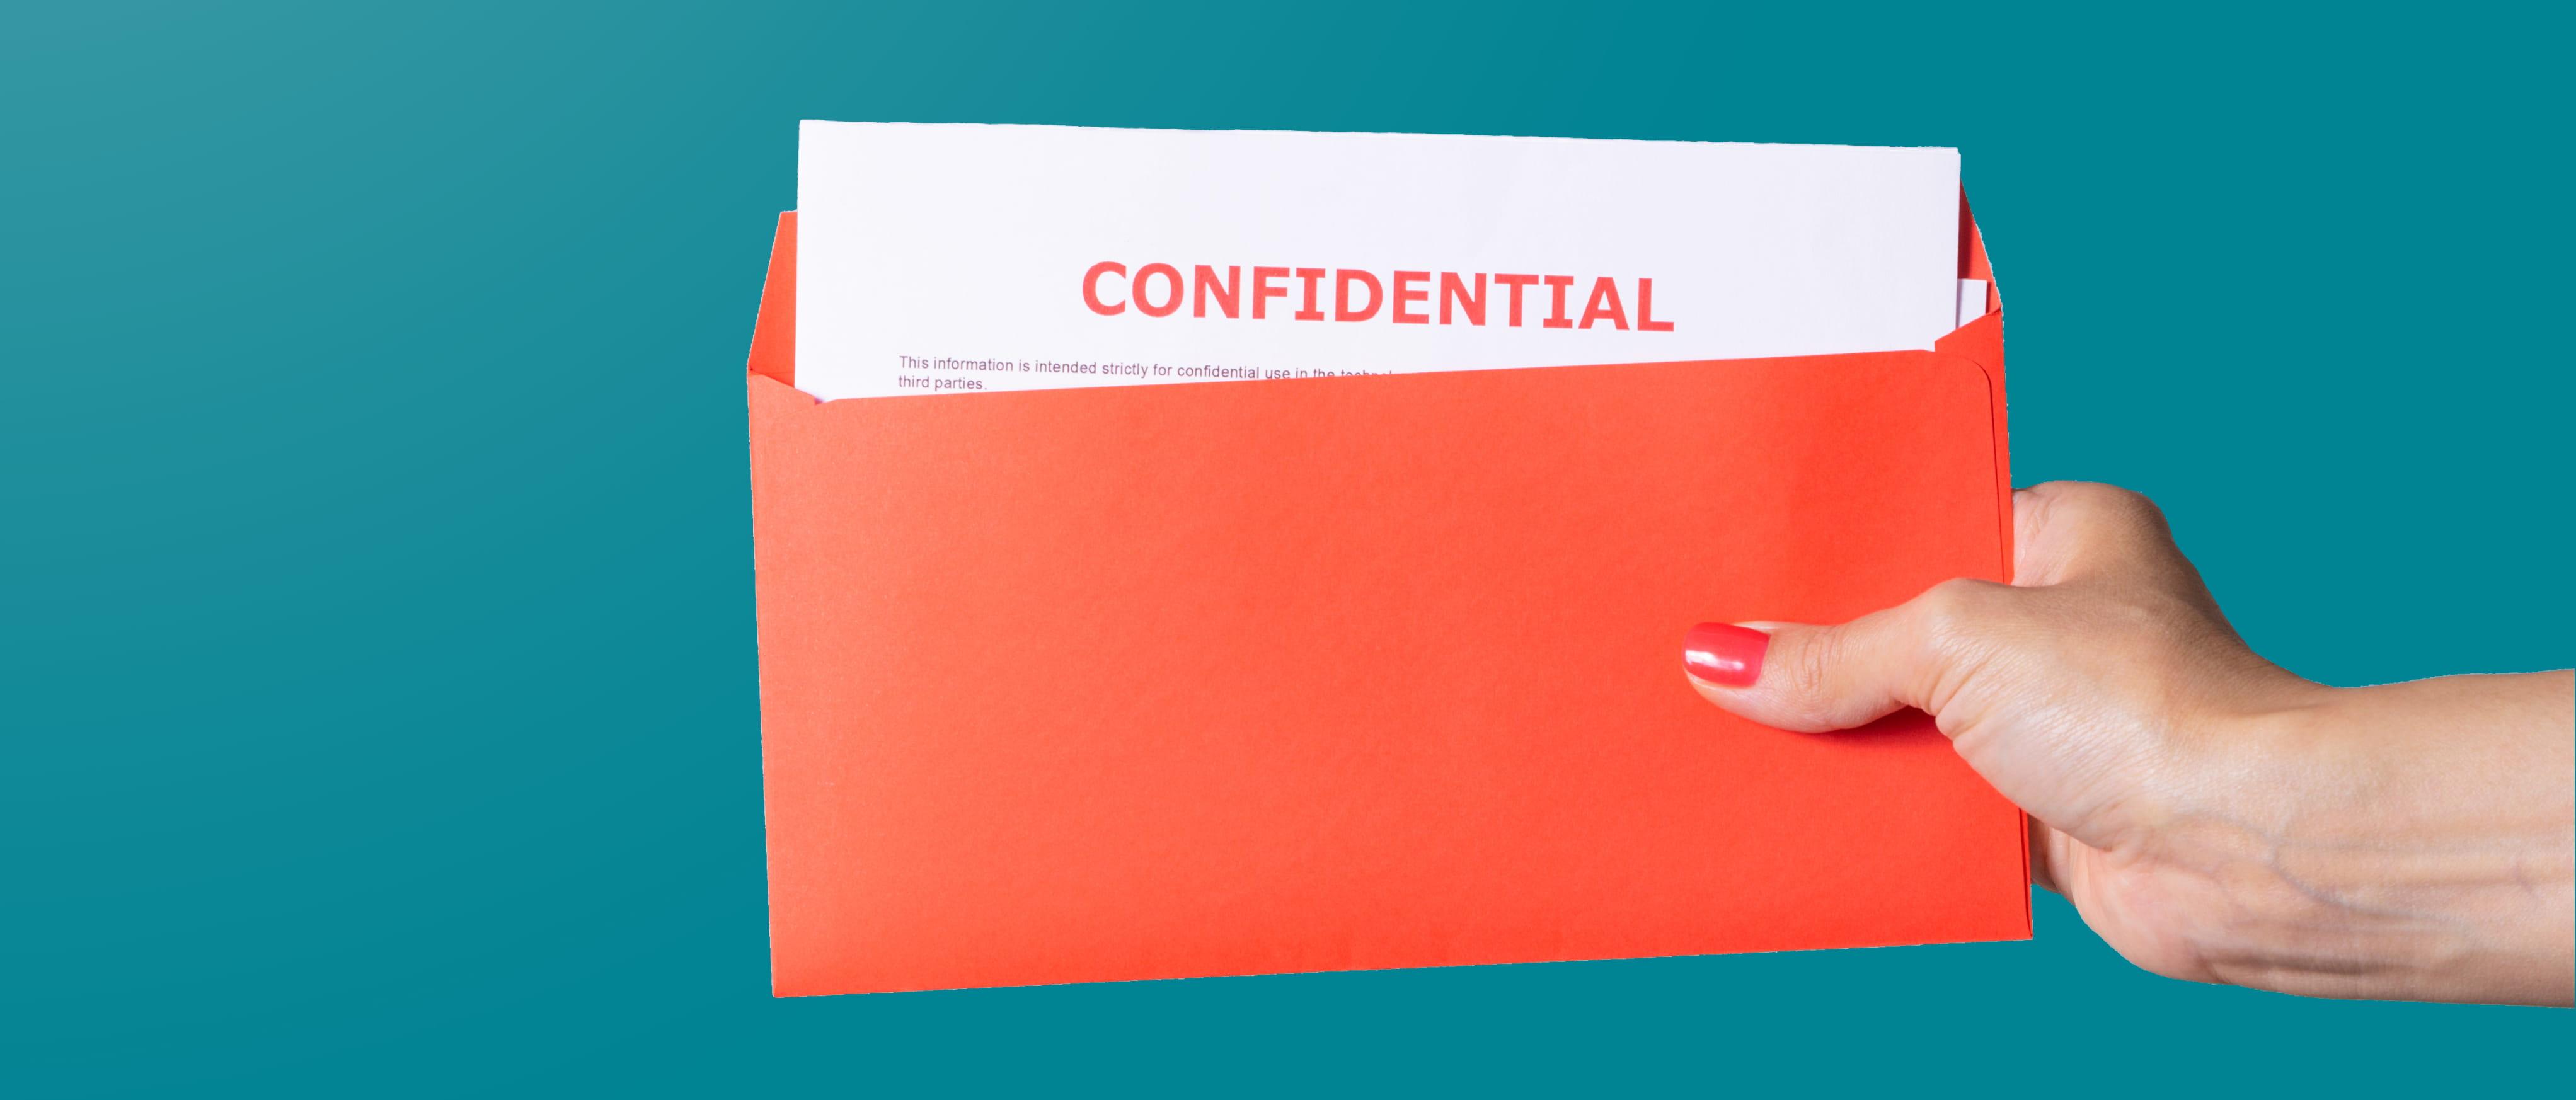 Mano di donna con busta arancione scritta confidential